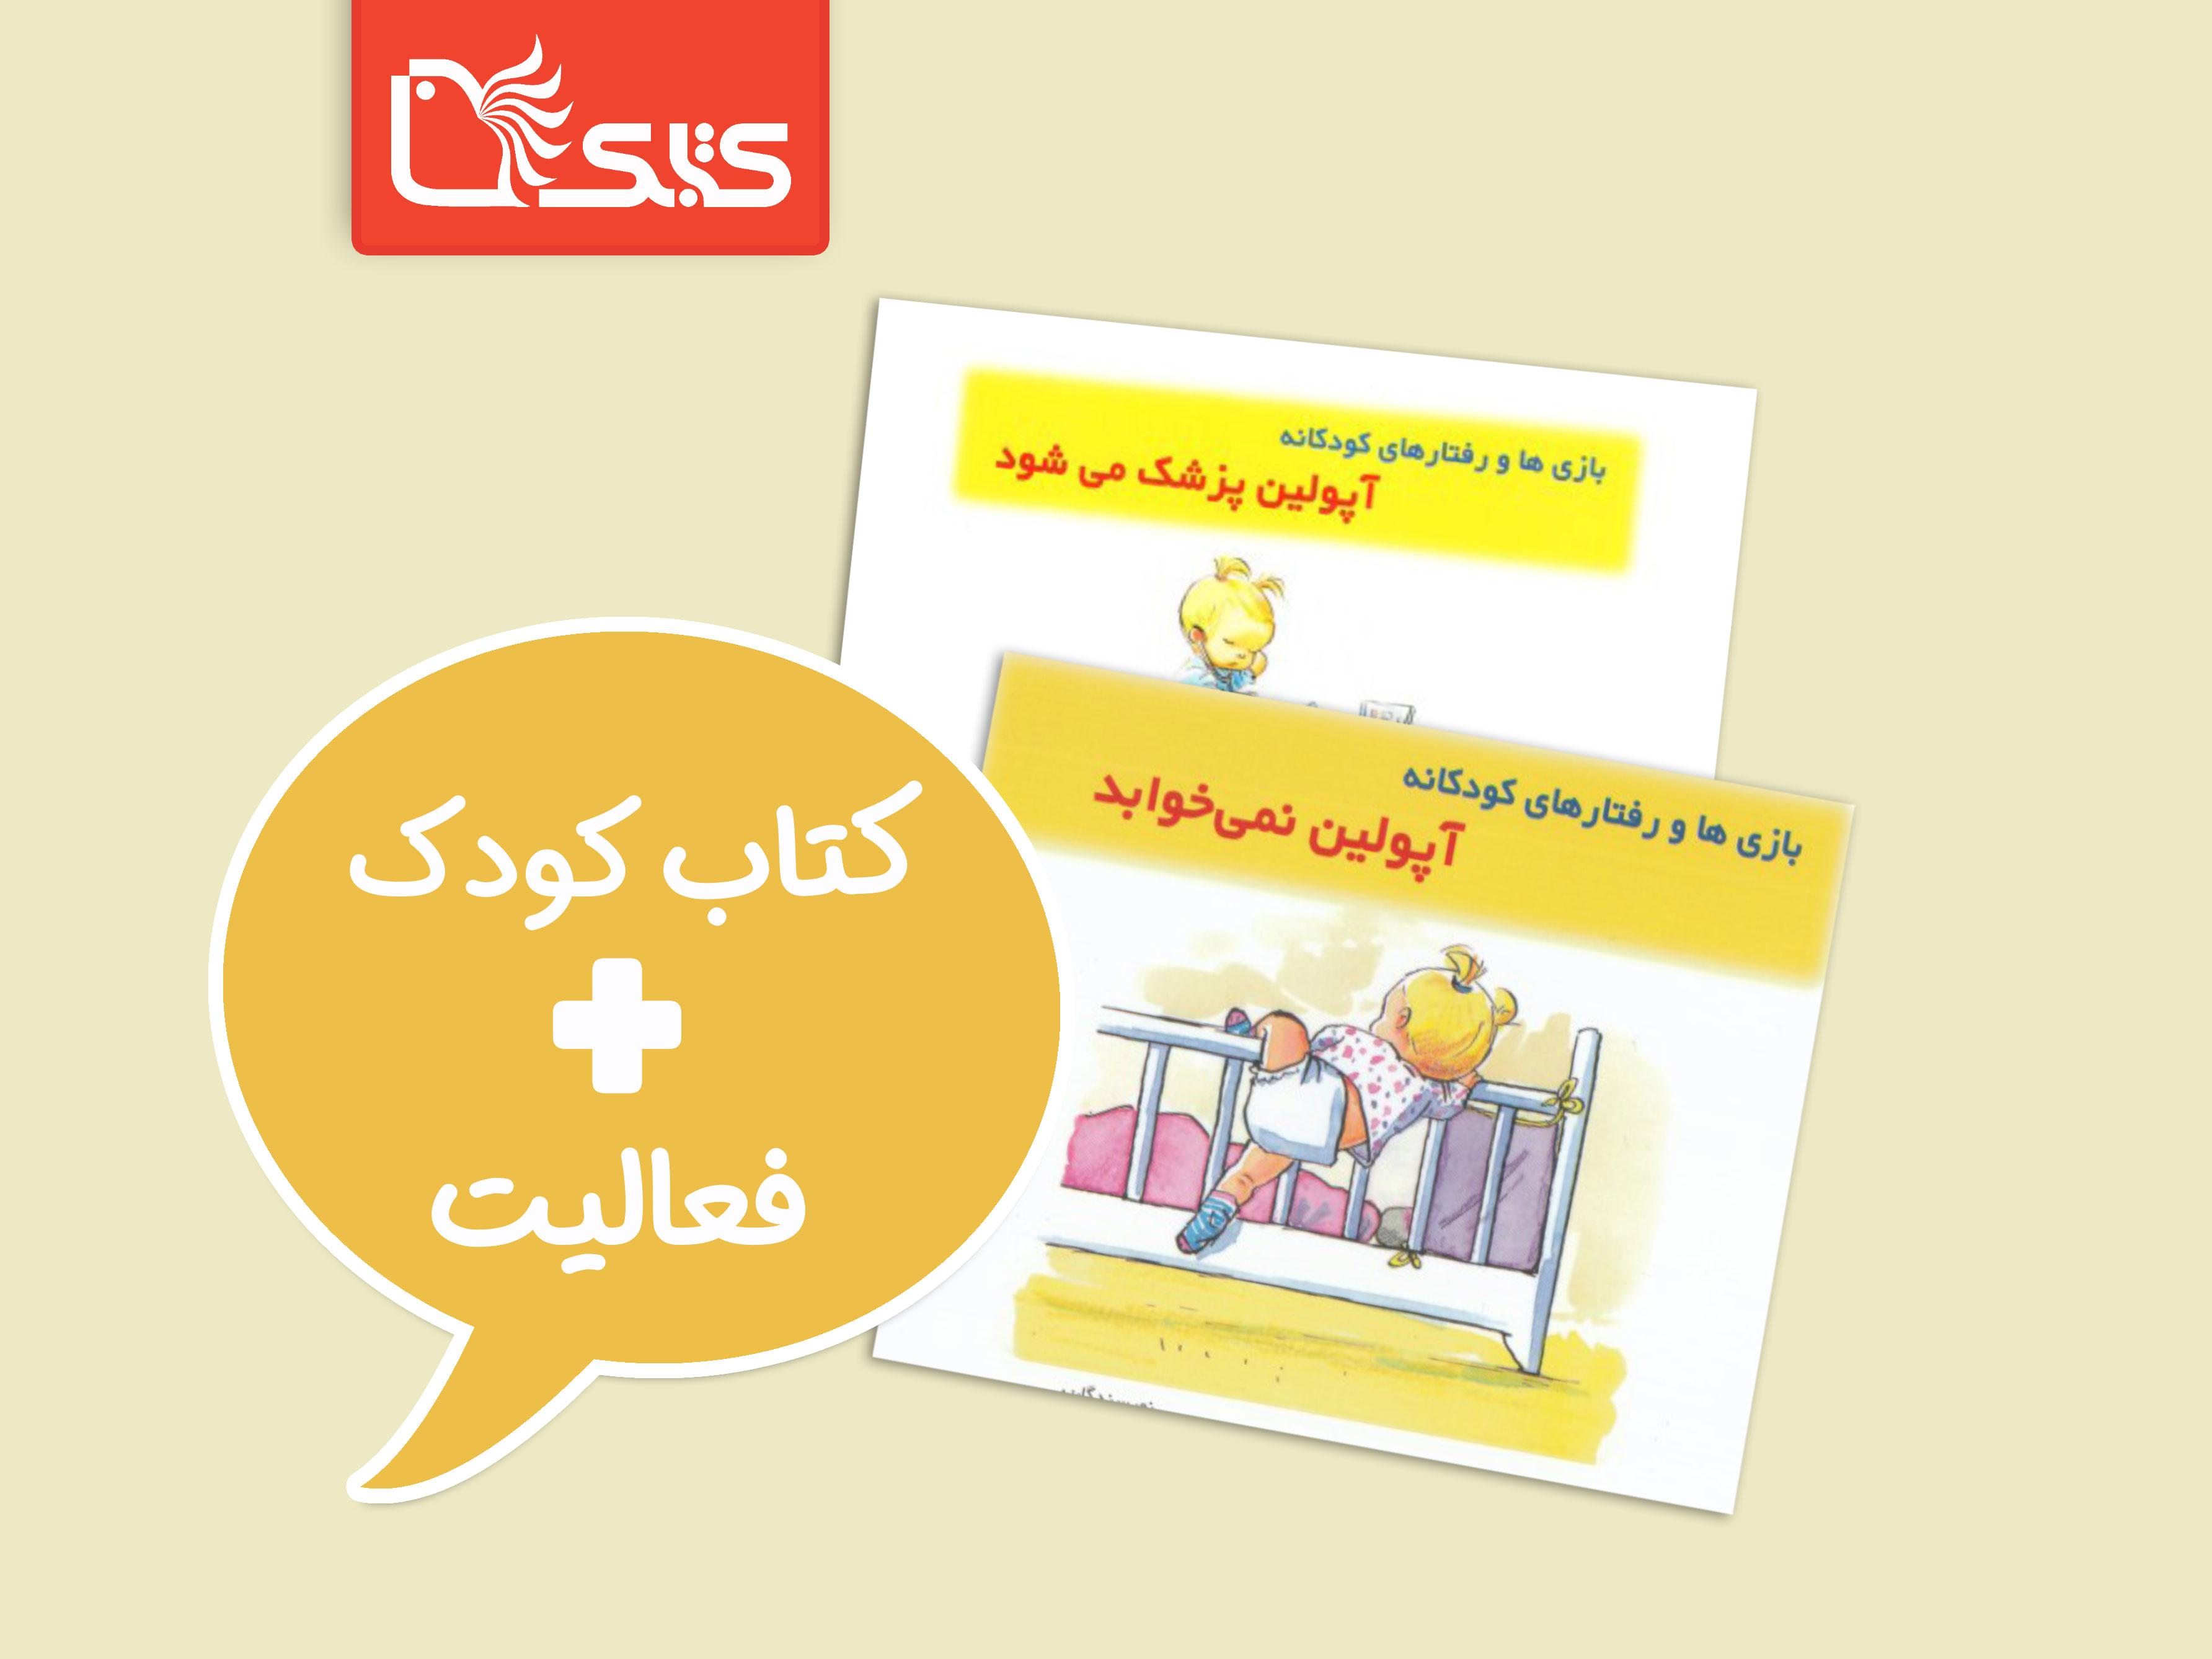 فعالیت پیشنهادی برای مجموعه کتاببازیها و رفتارهای کودکانه